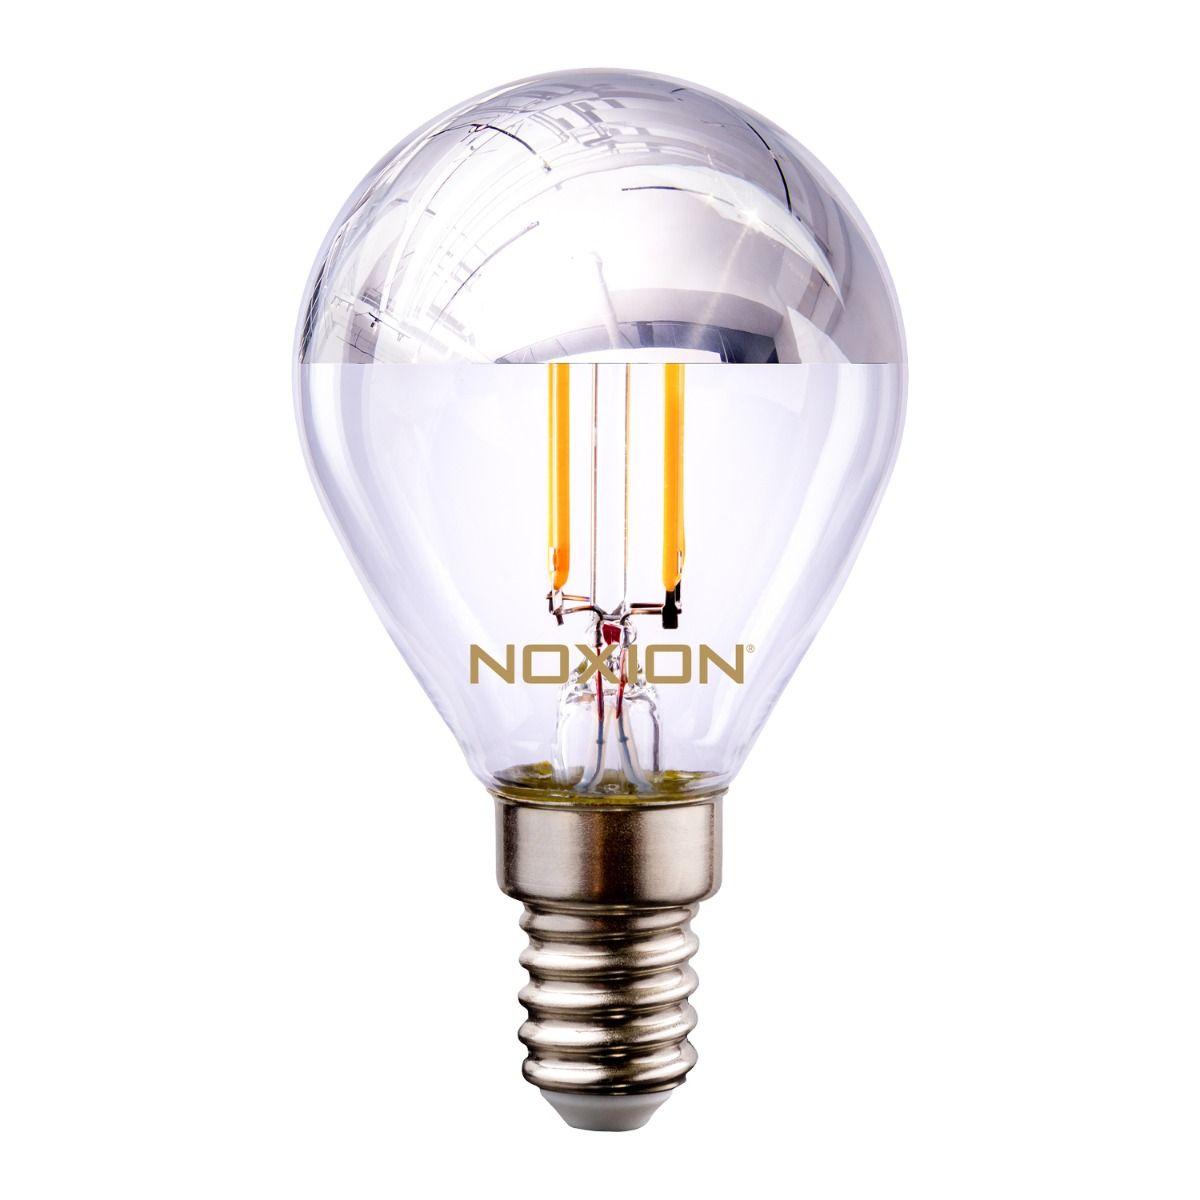 Noxion Lucent Filament LED Lustre Argent Miroir P45 E14 220-240V 4.5W 400LM CRI80 2700K ND (40W eqv)